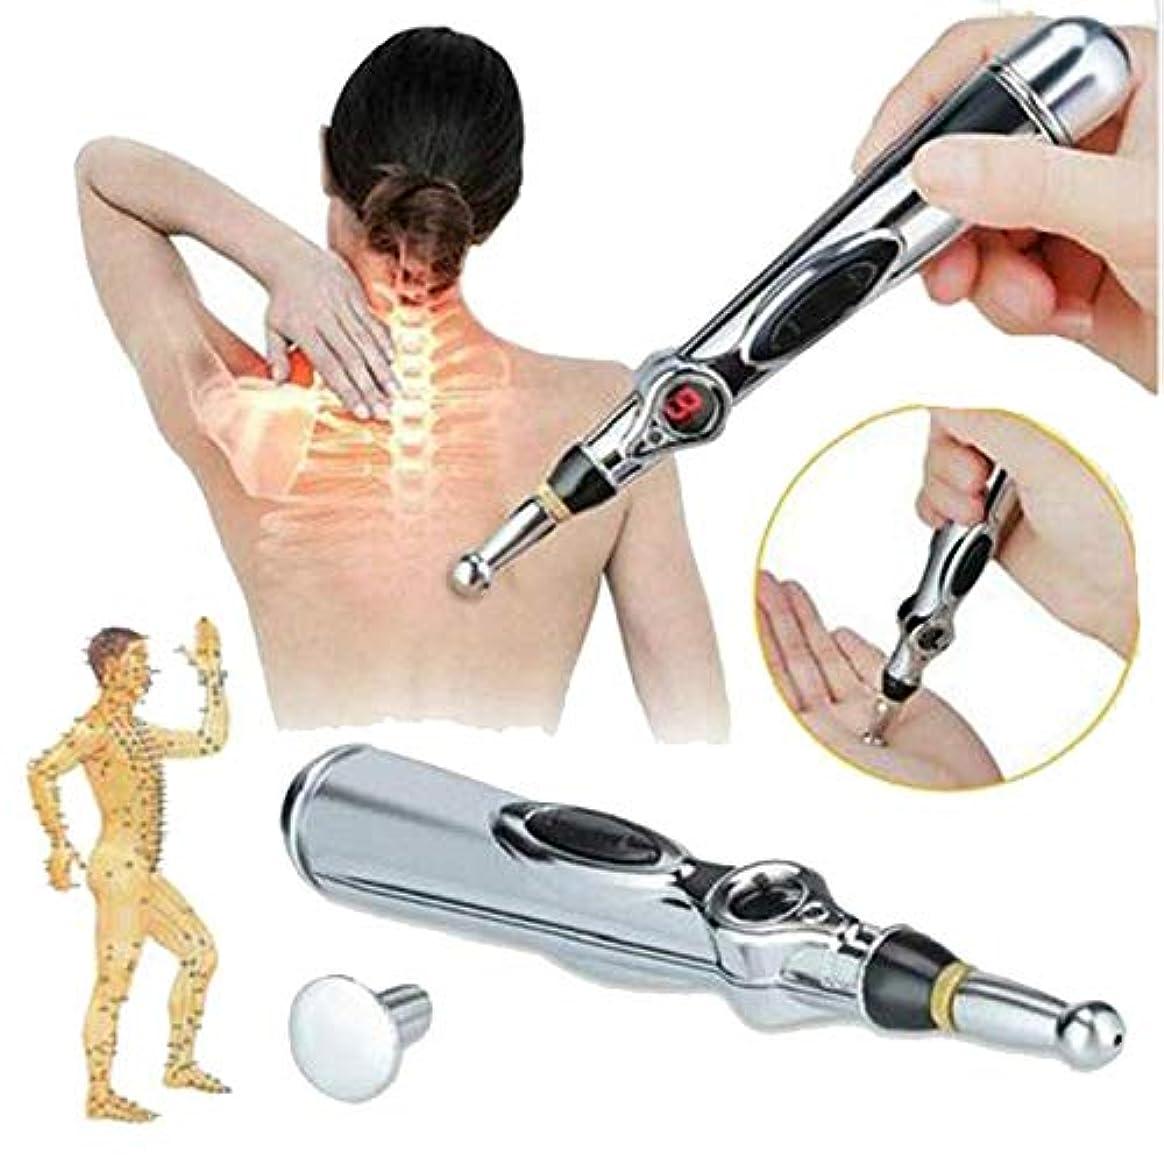 差別的乱闘楕円形電子鍼ペン、電子経絡レーザー治療、マッサージペン、経絡エネルギーペン、痛み緩和ツール